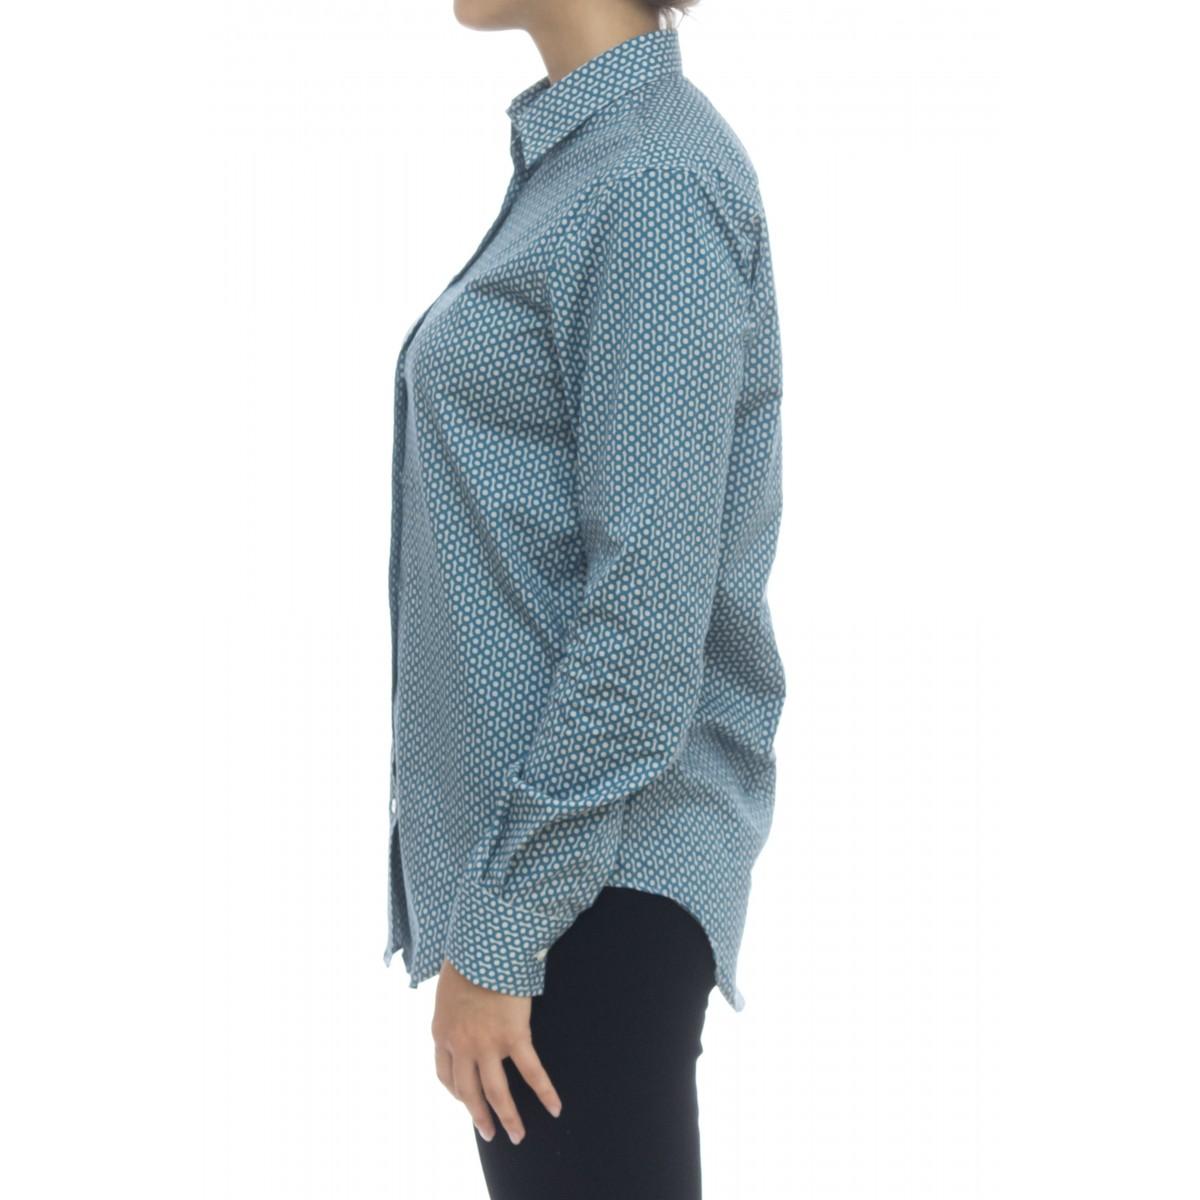 Camicia donna - 1105 55534 camicia fantasia